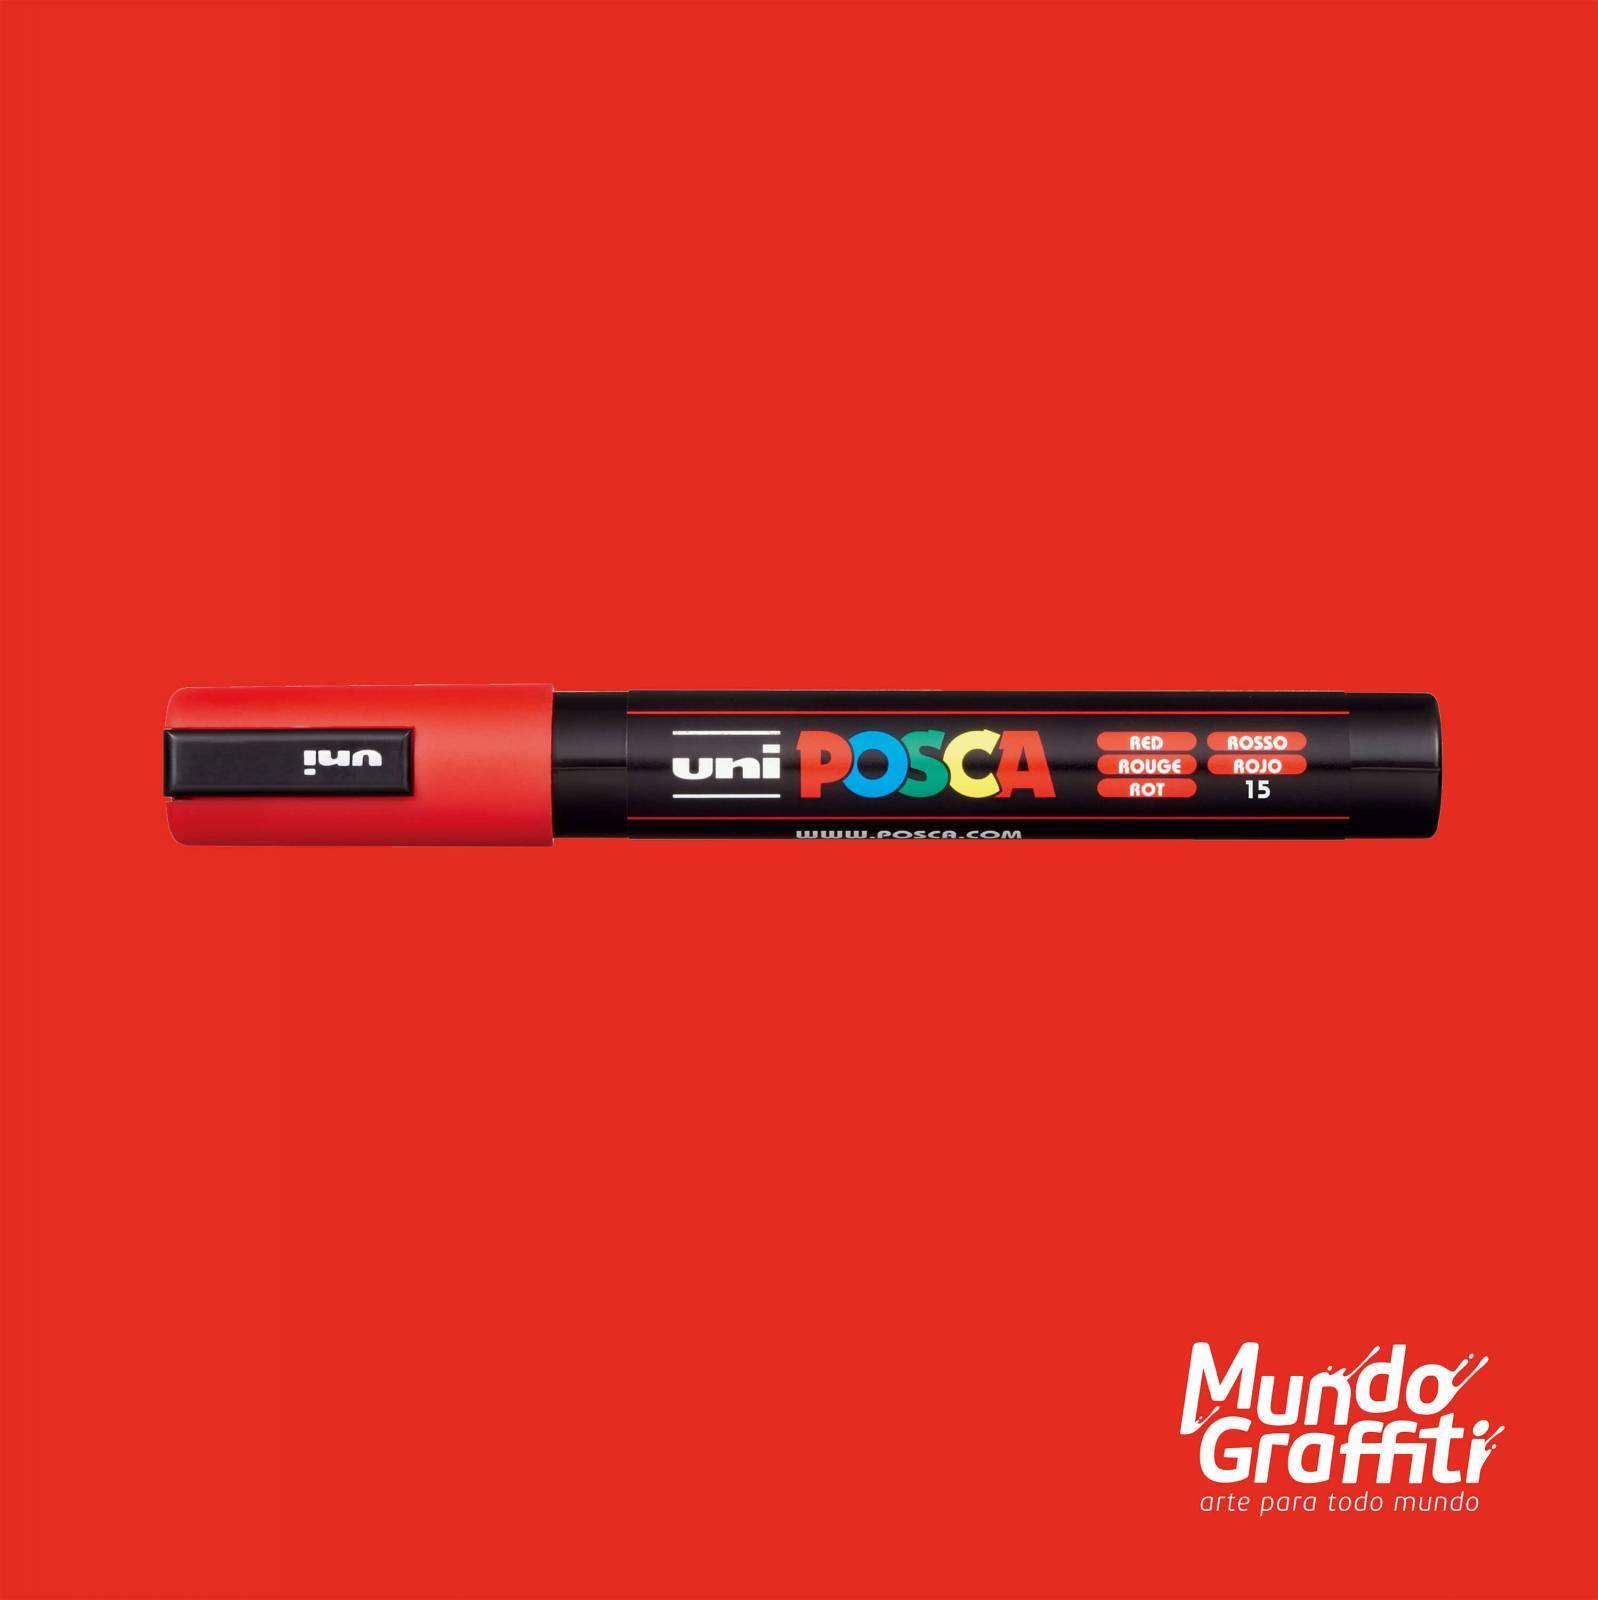 Caneta Posca 5M Vermelho - Mundo Graffiti